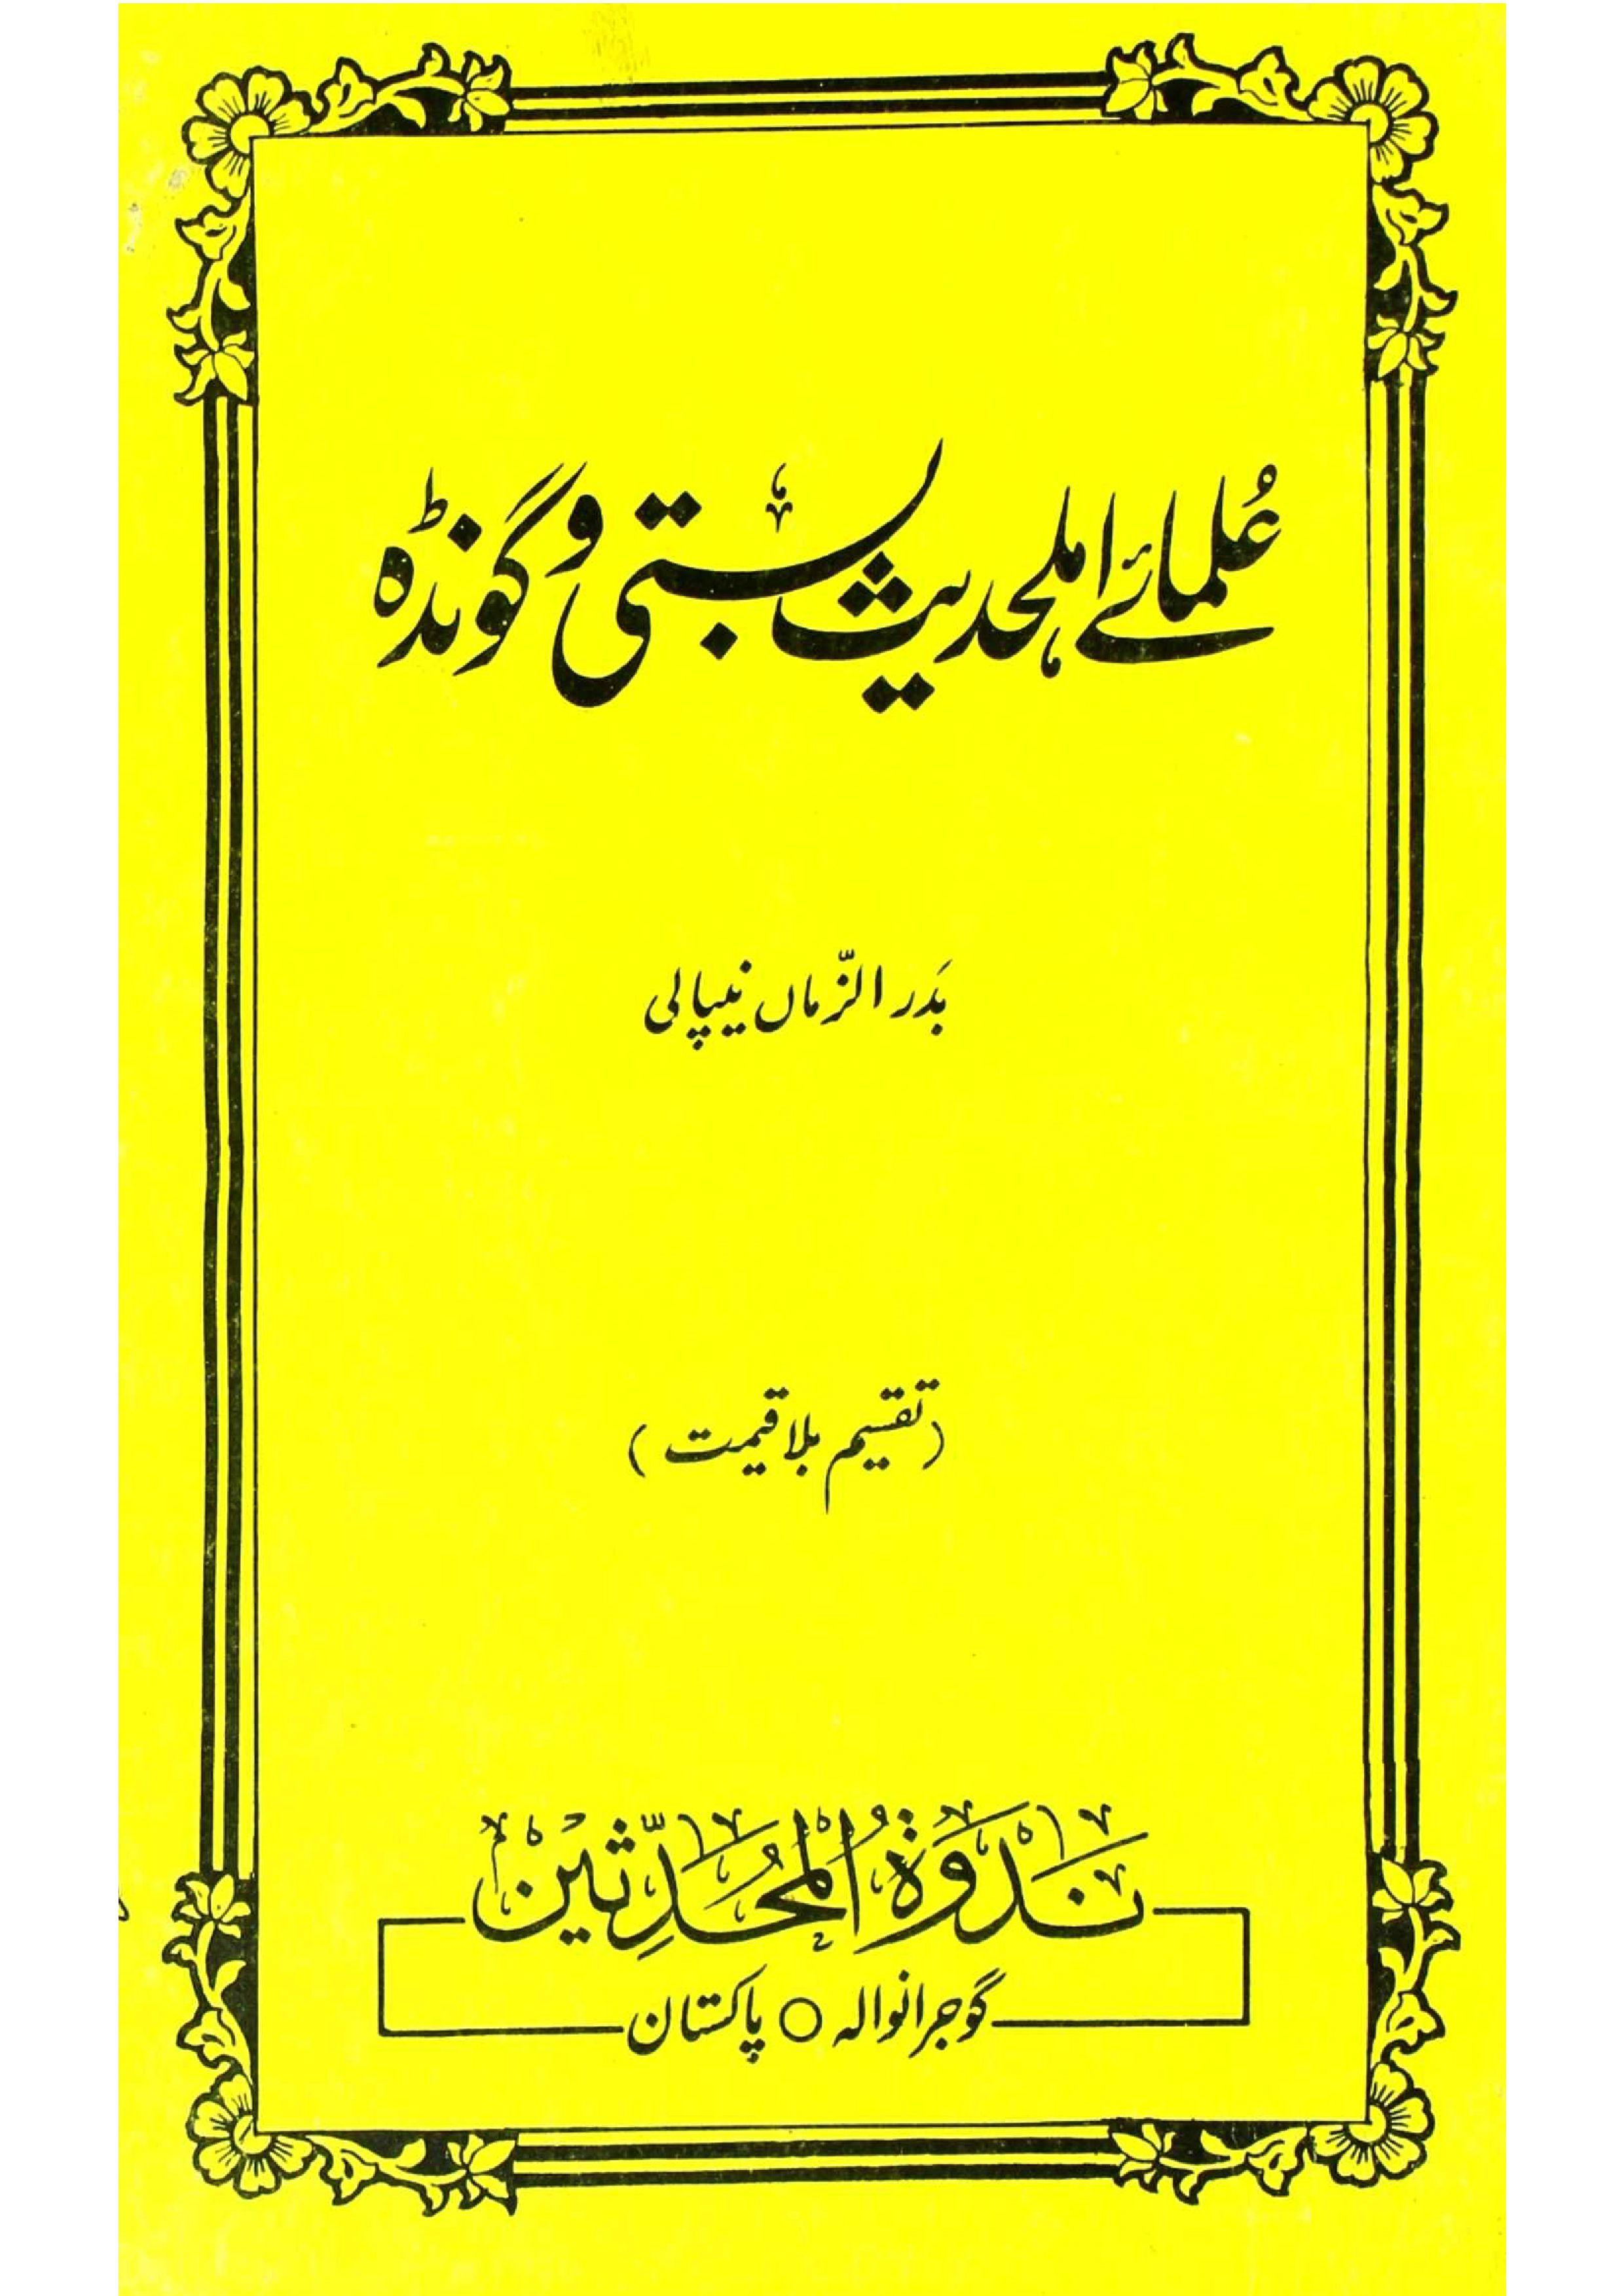 Ulama-e-Ahl-e-Hadees Basti-o-Gonda